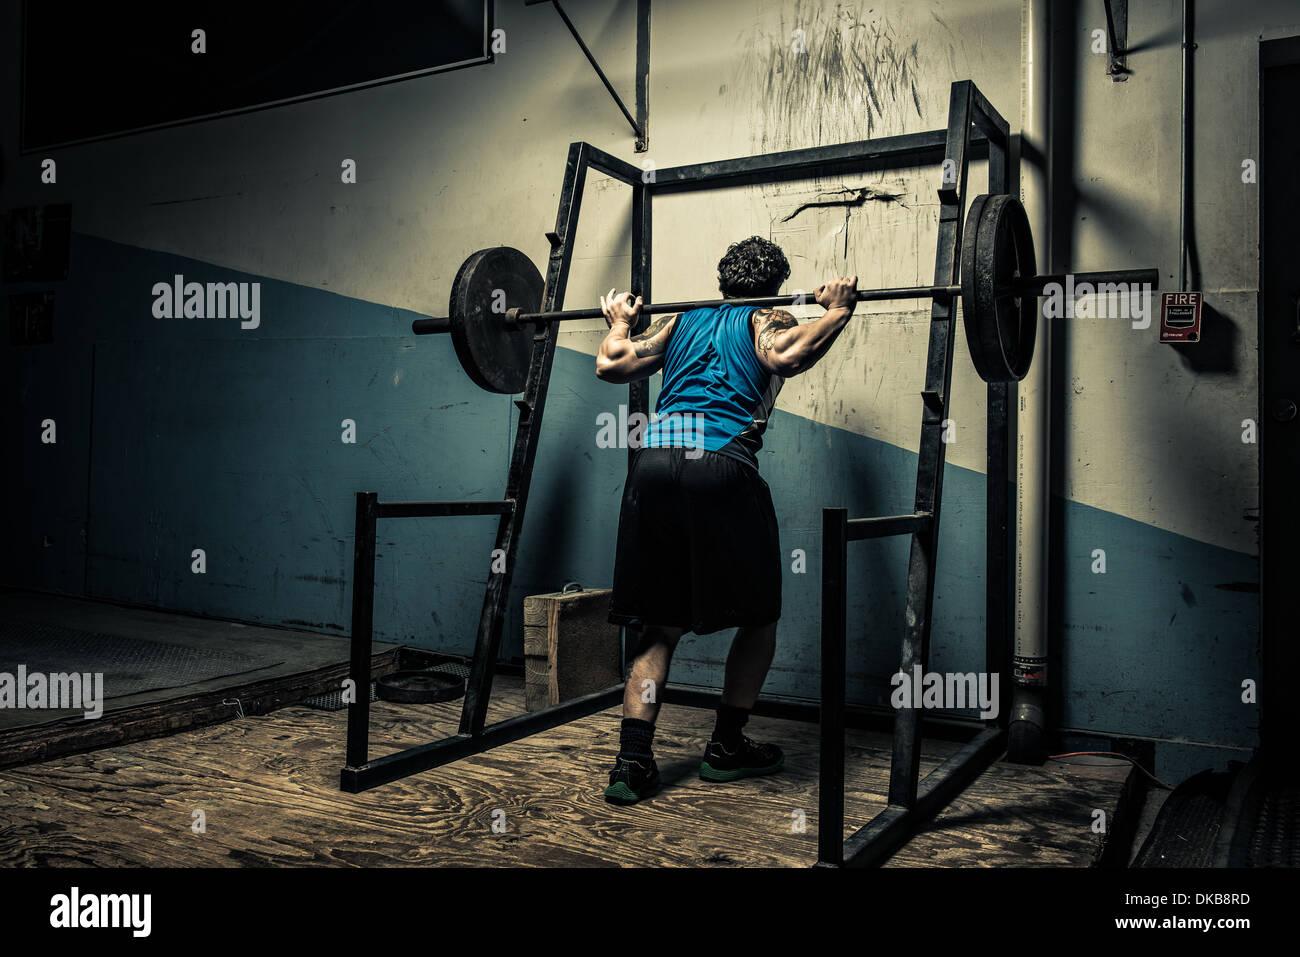 Weightlifter in dark gym - Stock Image